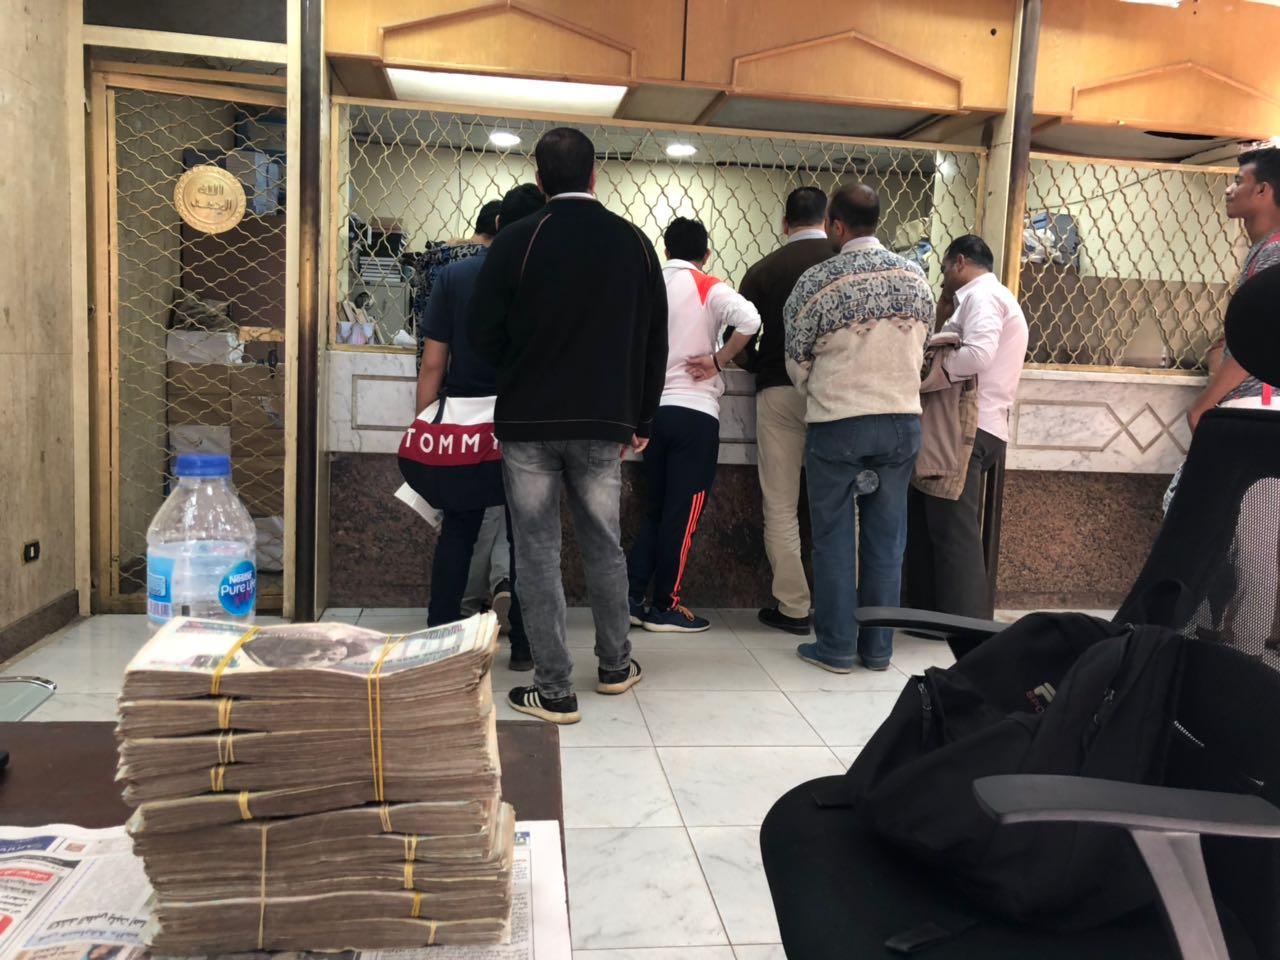 b933e52fd7a42 https   www.youm7.com story 2018 3 5 الأهلي-يرفع-درجة-الطوارىء ...